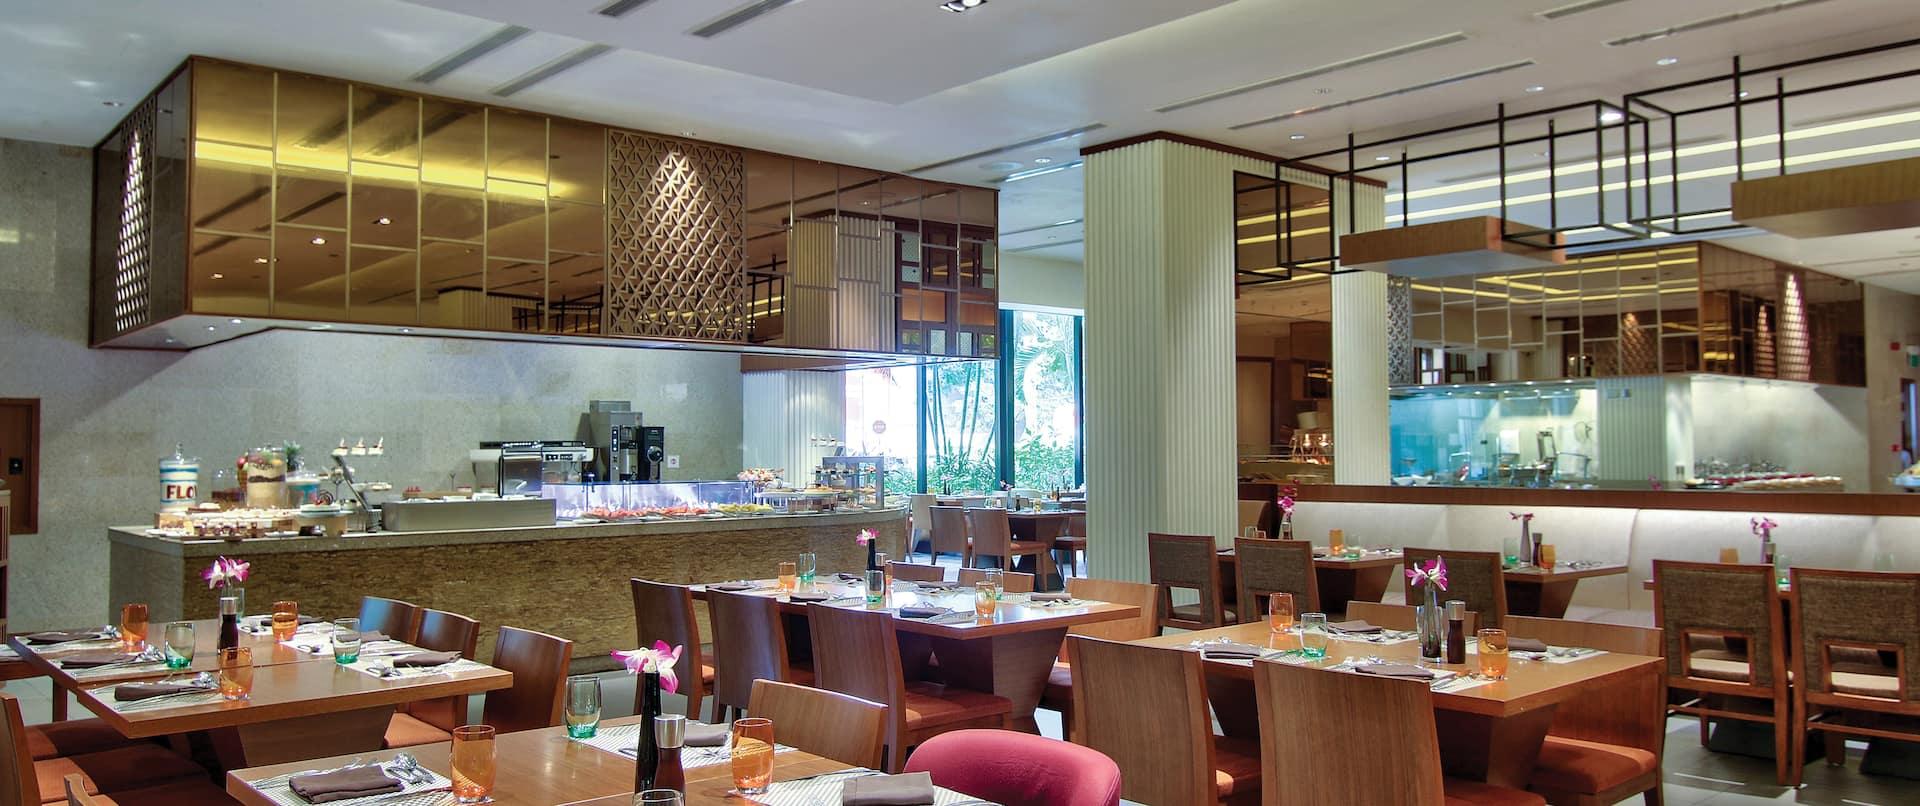 FLOW - Multi-Cuisine Restaurant